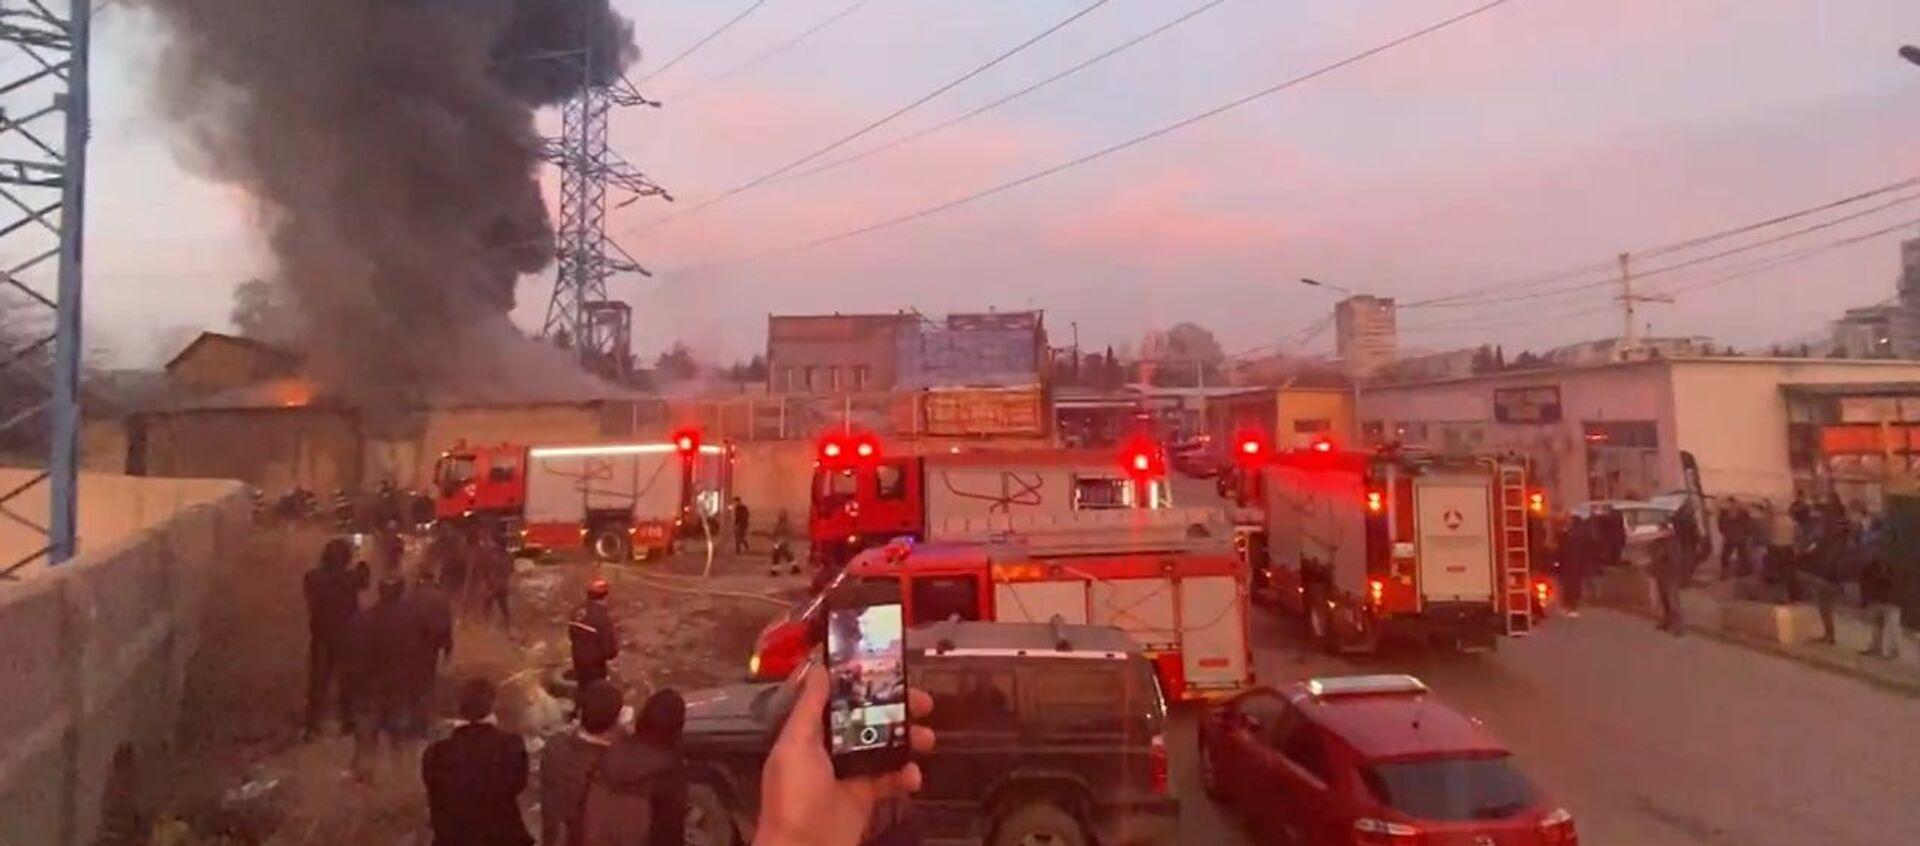 В Тбилиси горит рынок стройматериалов Элиава - видео - Sputnik Грузия, 1920, 12.02.2021